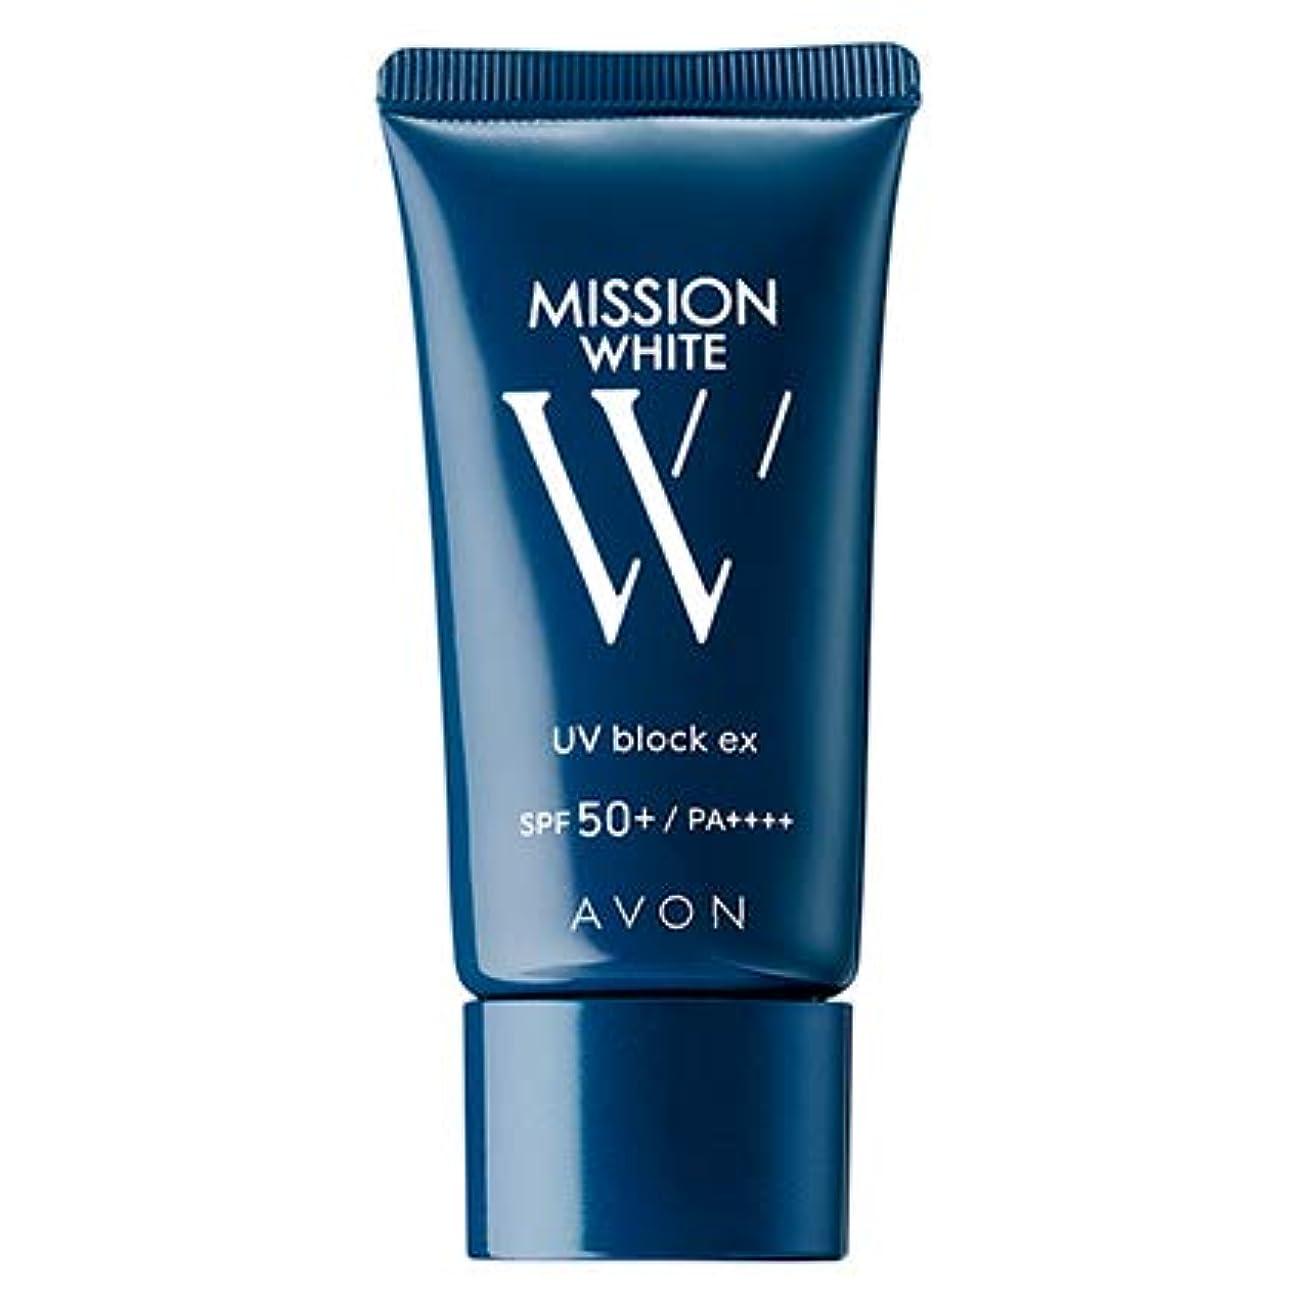 うがい薬掘るエイボン ミッション ホワイト UVブロック EX(SPF50+/PA++++)(医薬部外品) 30g